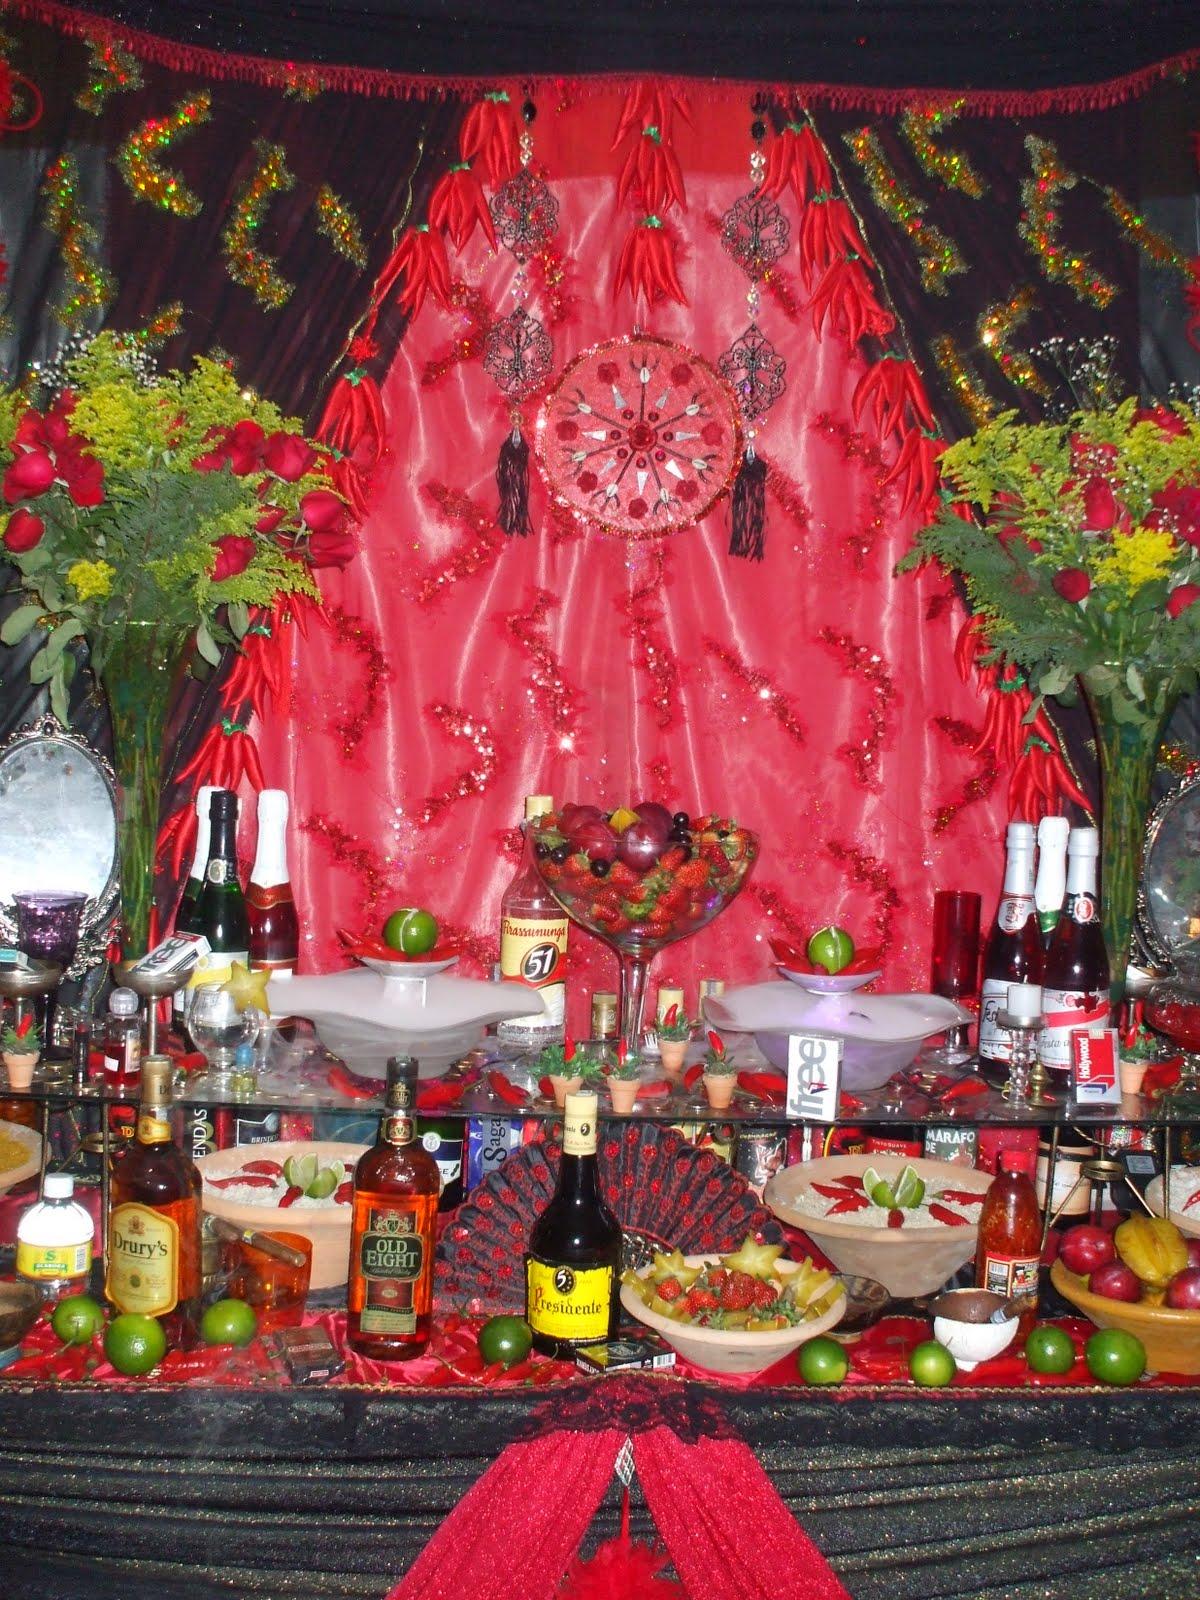 Festa de Exu demonstrao de alegria e agradecimento pelas 83